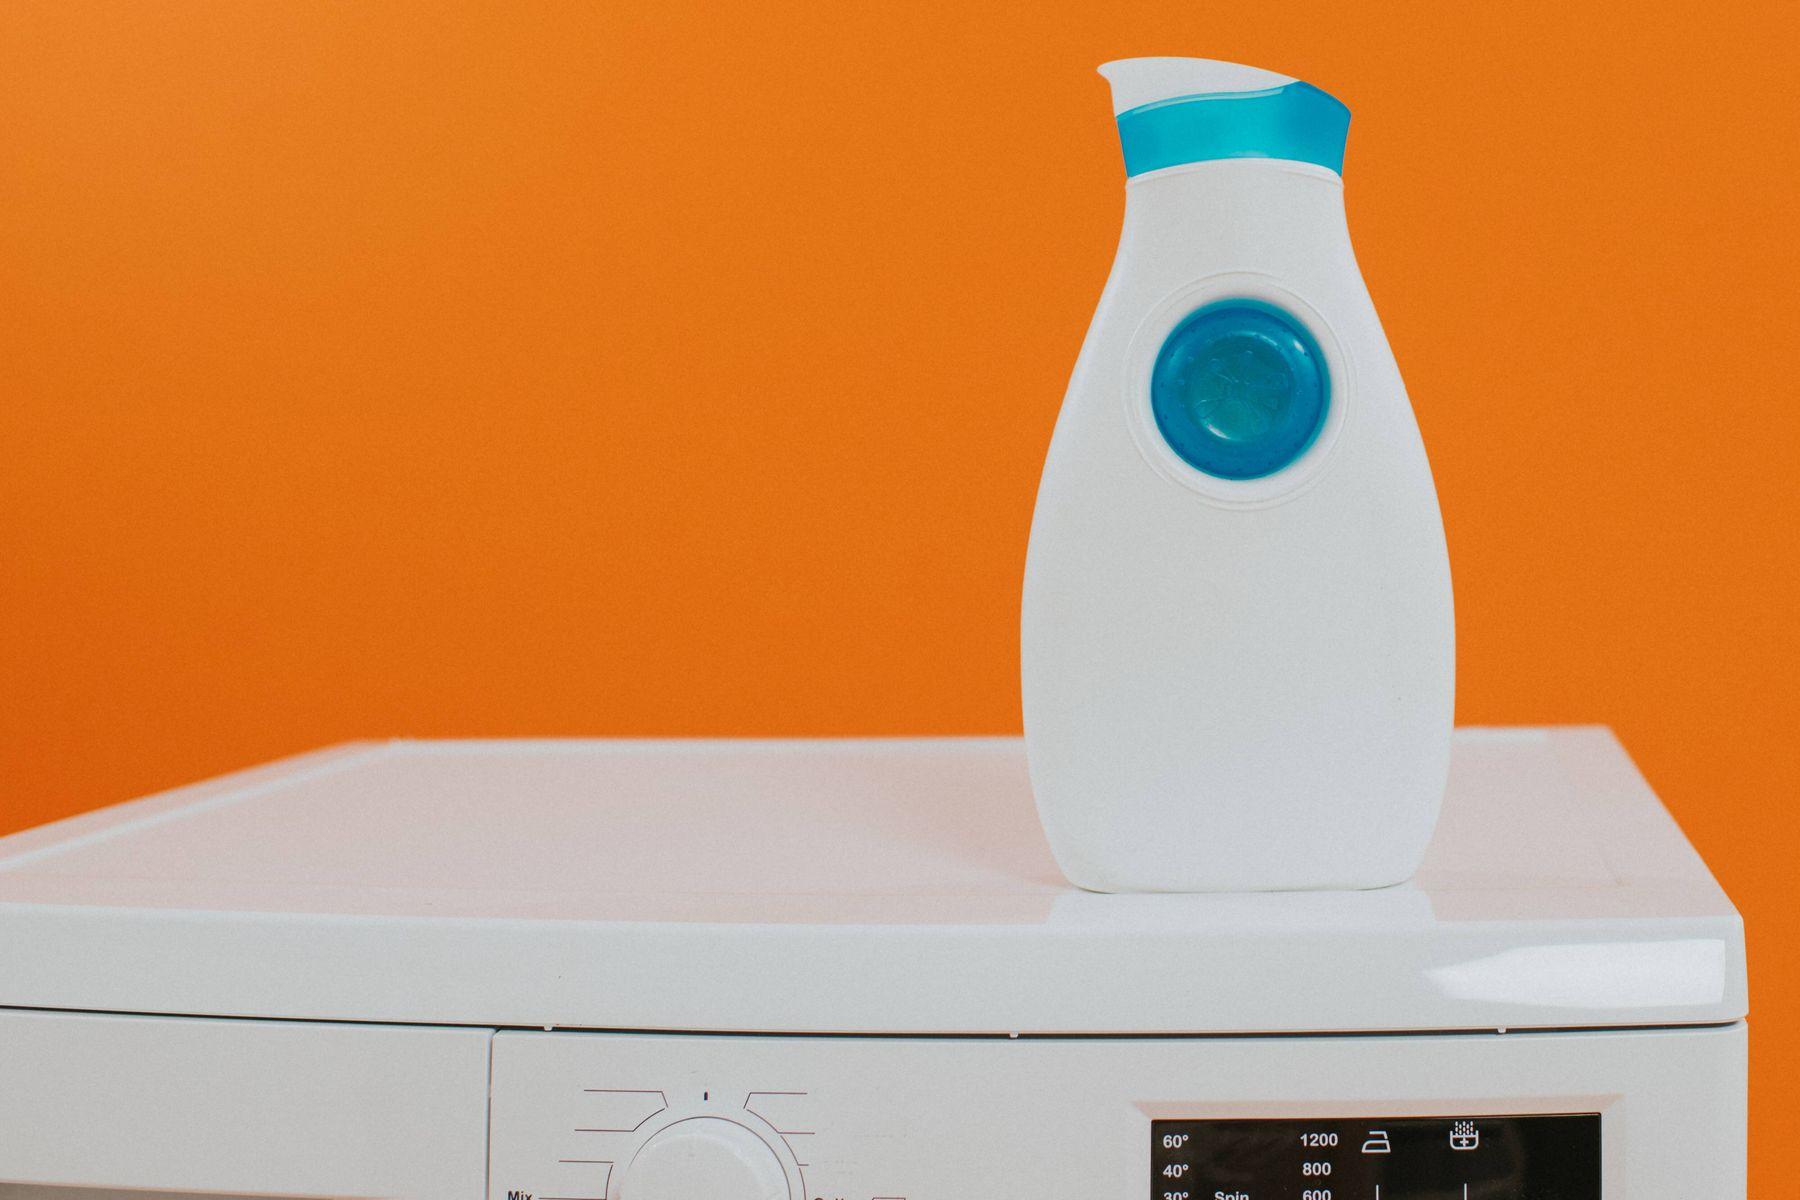 Waschmittelflasche auf der Waschmaschine